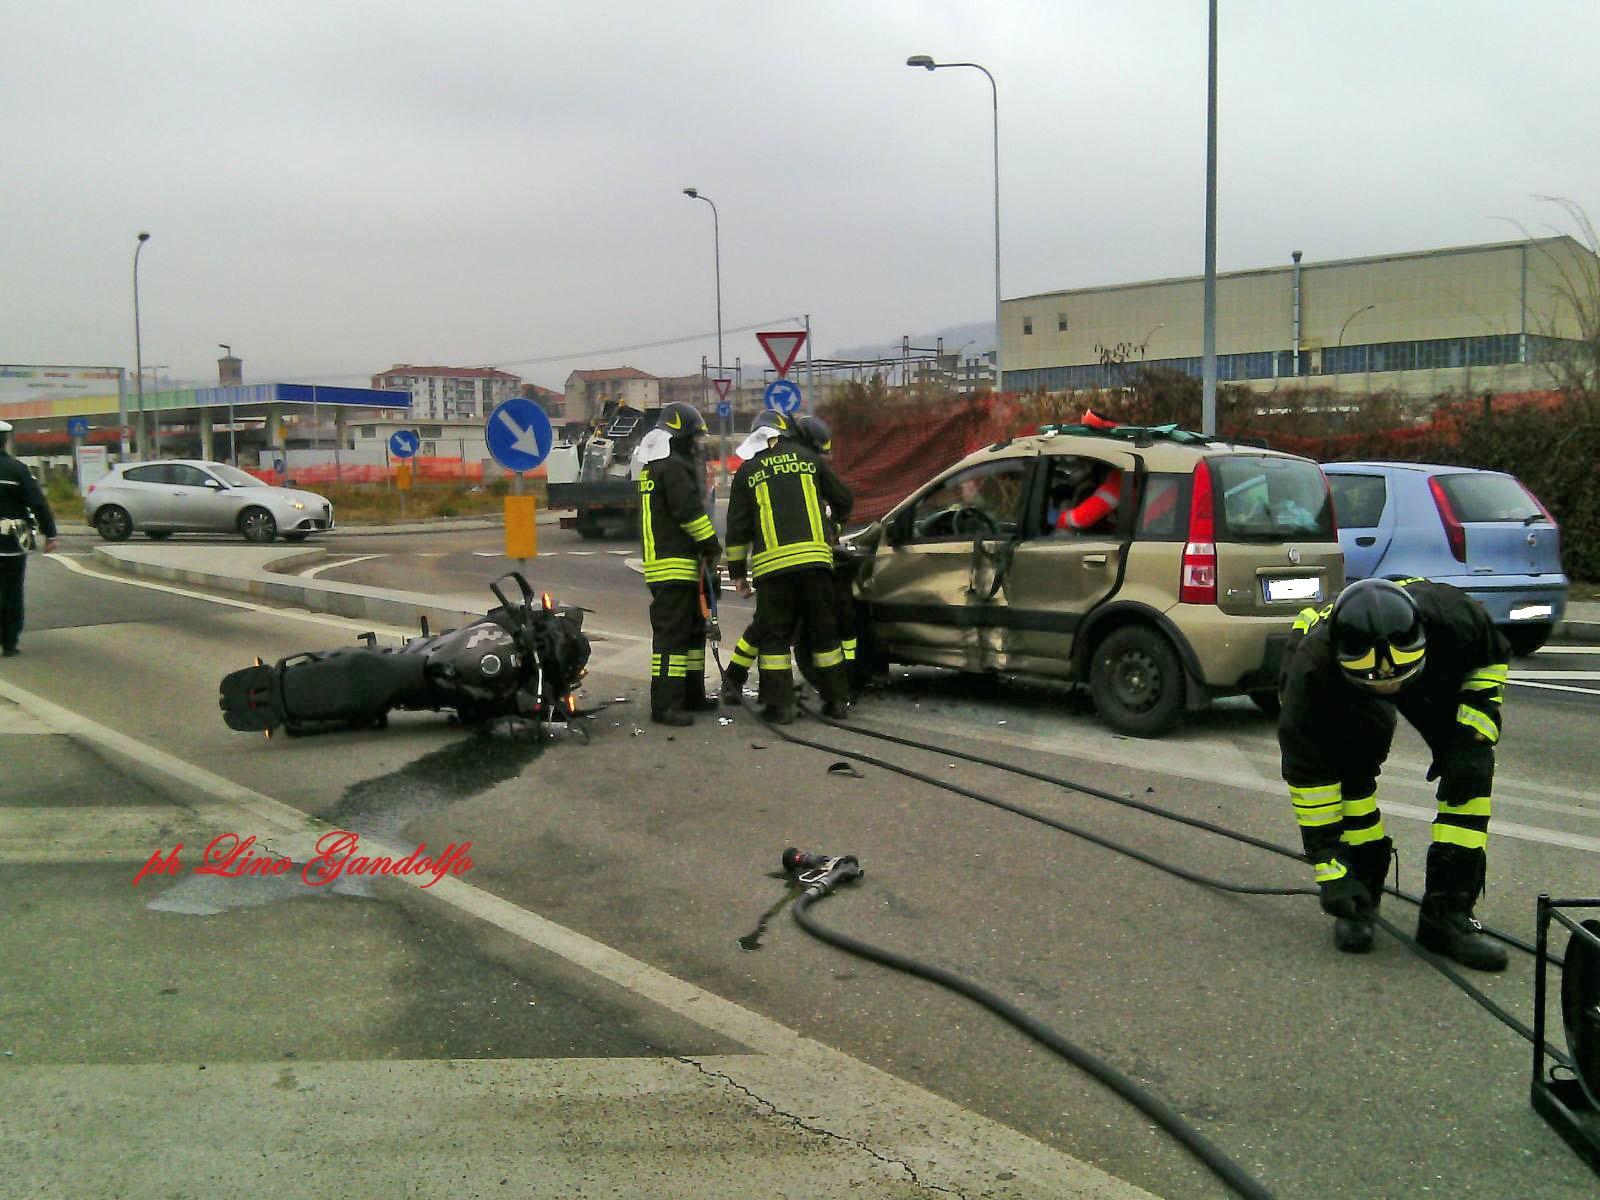 Incidente stradale a Pinerolo. Moto contro auto: due feriti